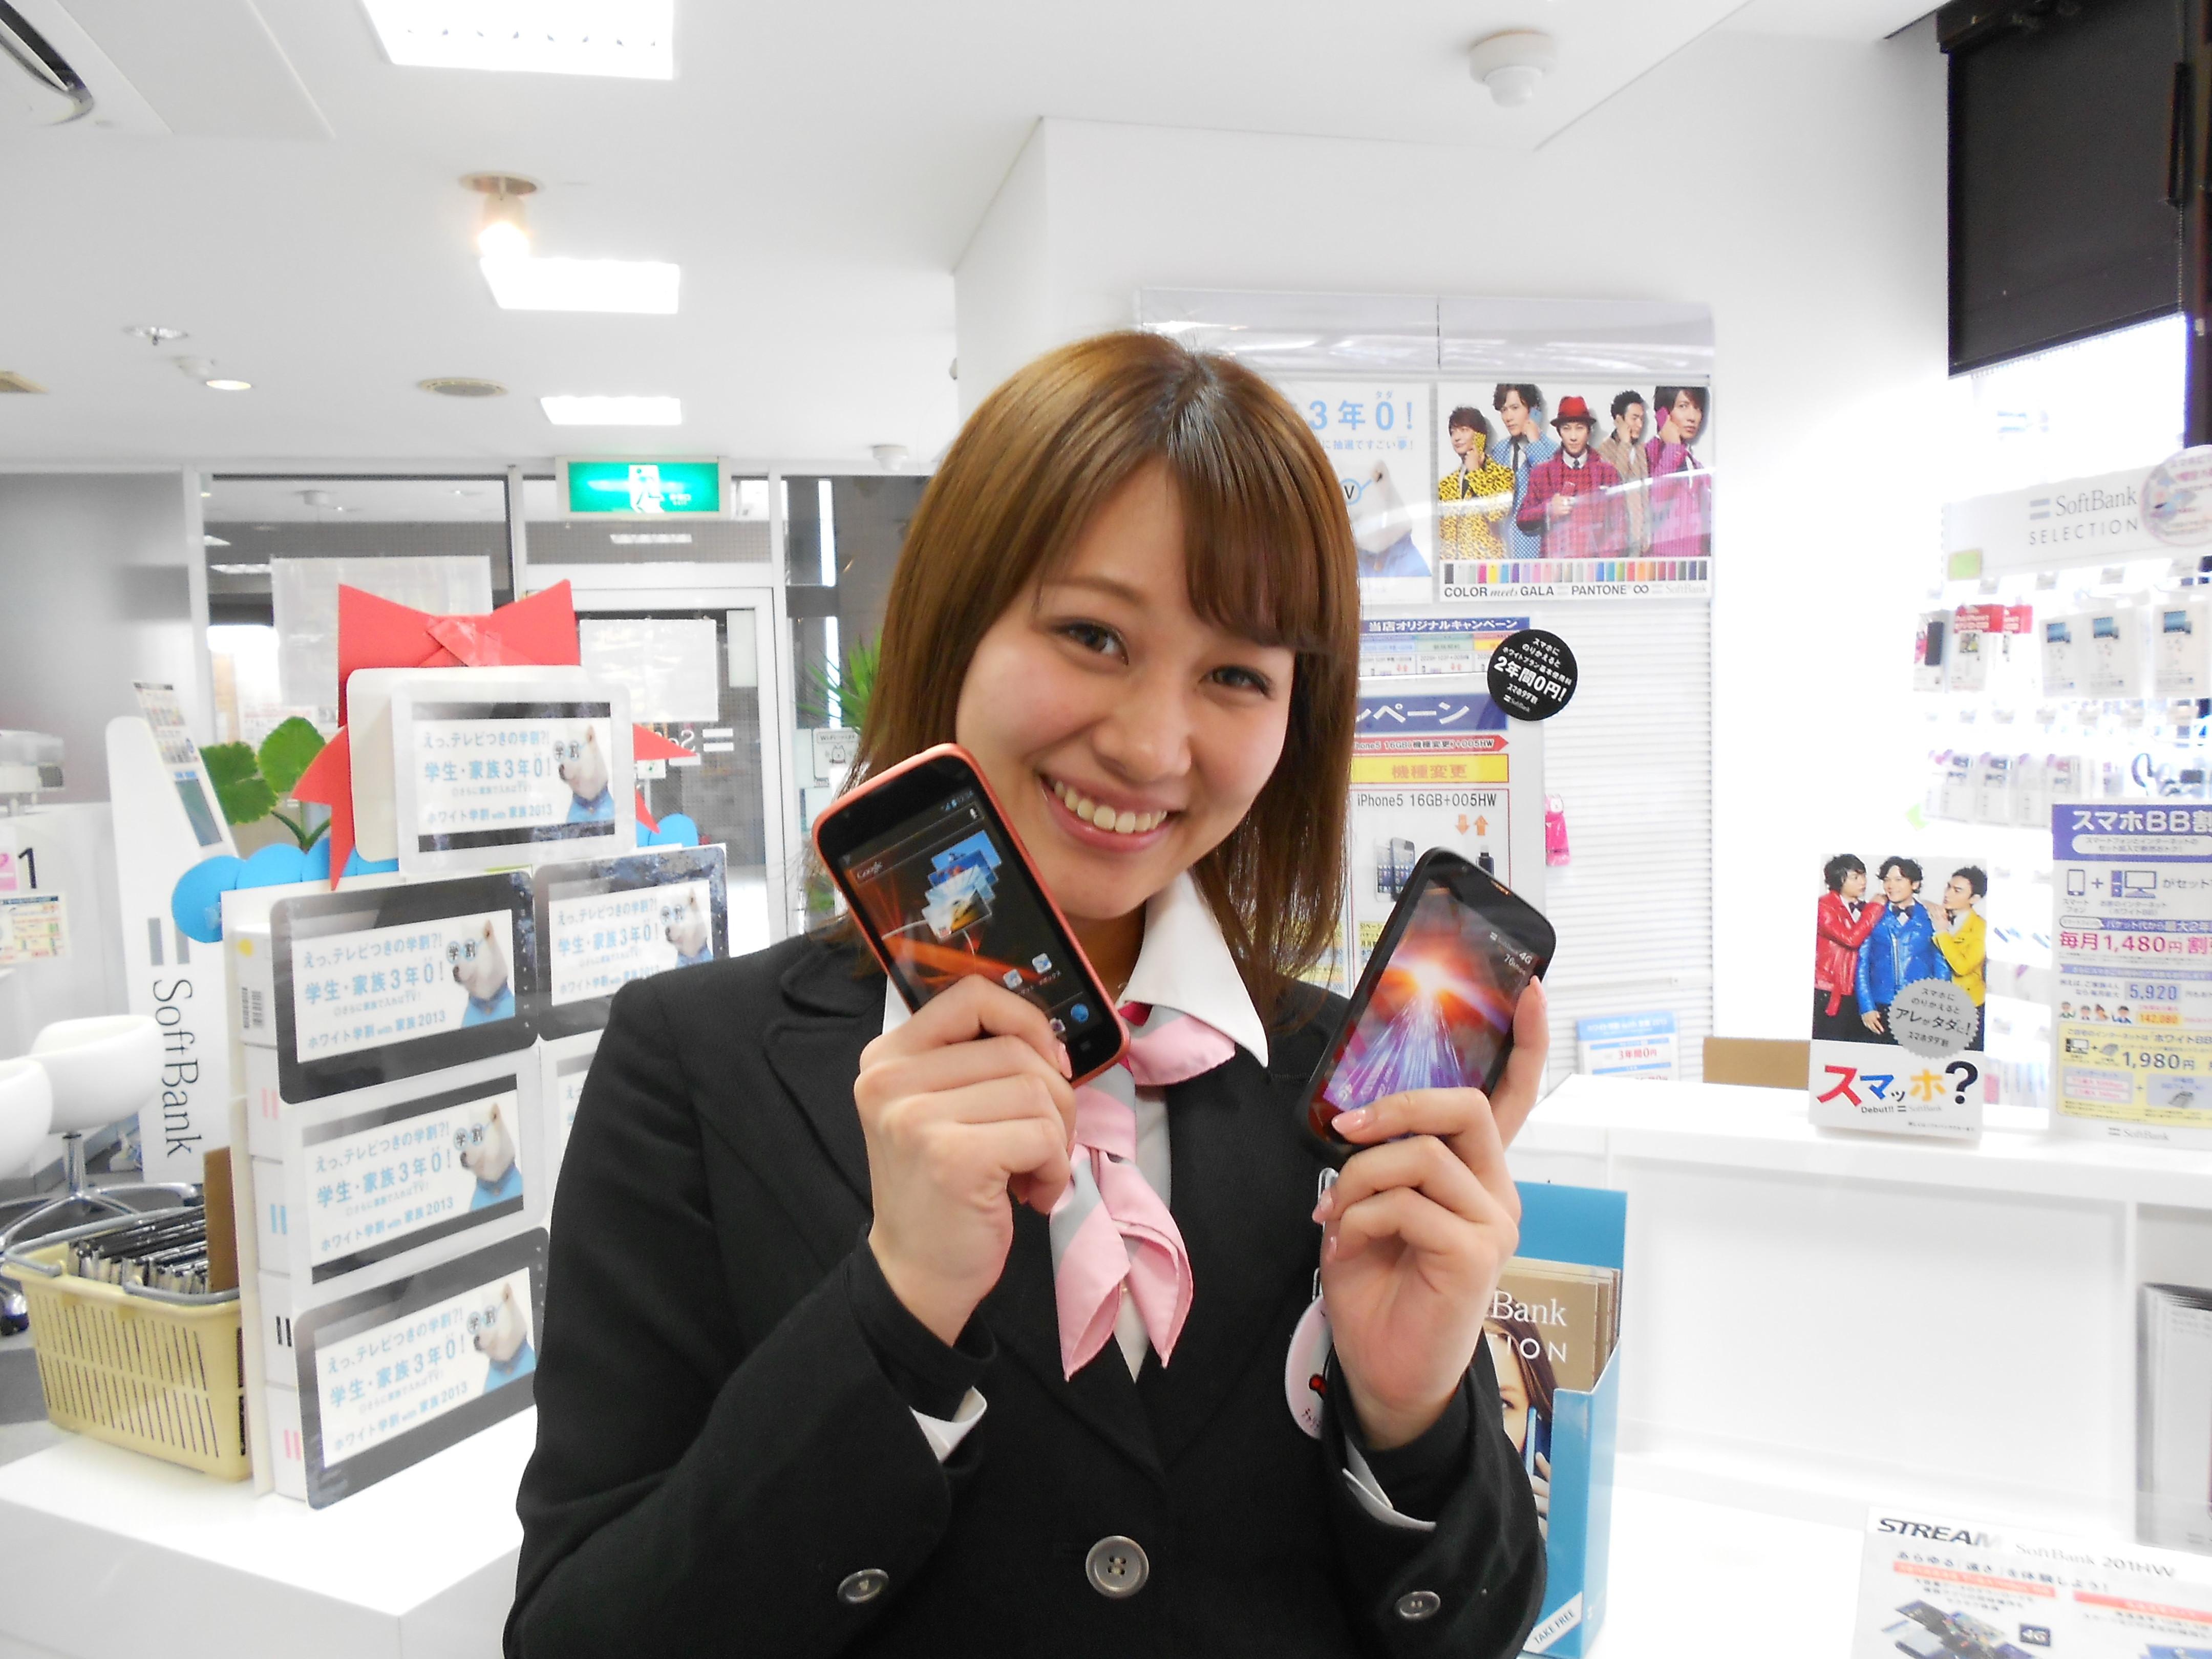 ソフトバンク 渋川(株式会社シエロ)のアルバイト情報